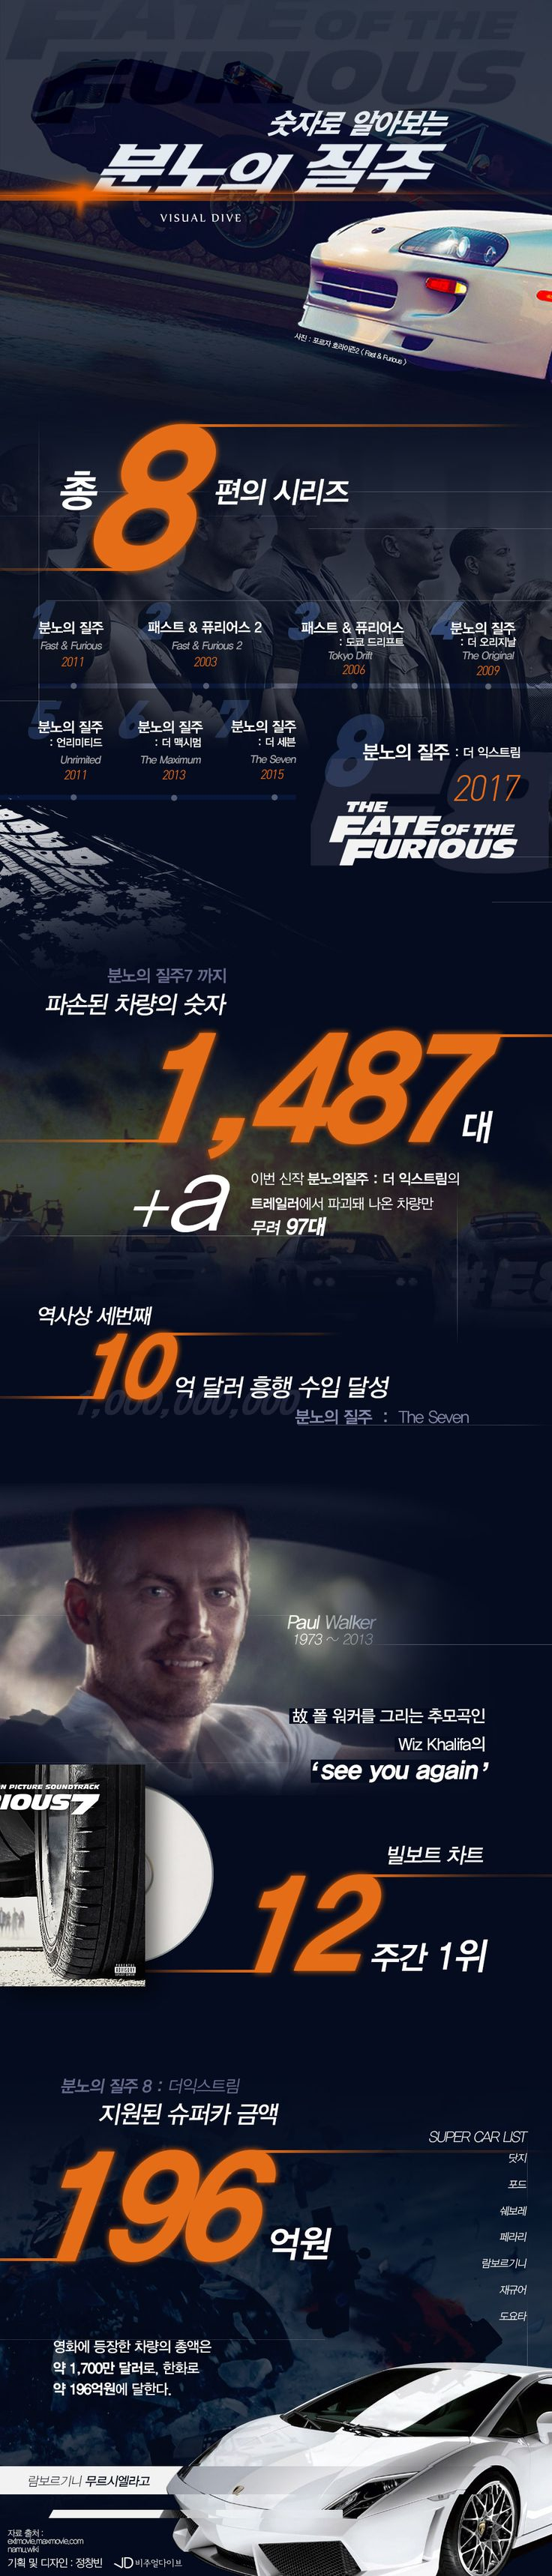 '압도적 예매율' 숫자로 보는 '분노의 질주' [인포그래픽] #movie / #Infographic ⓒ 비주얼다이브 무단 복사·전재·재배포 금지